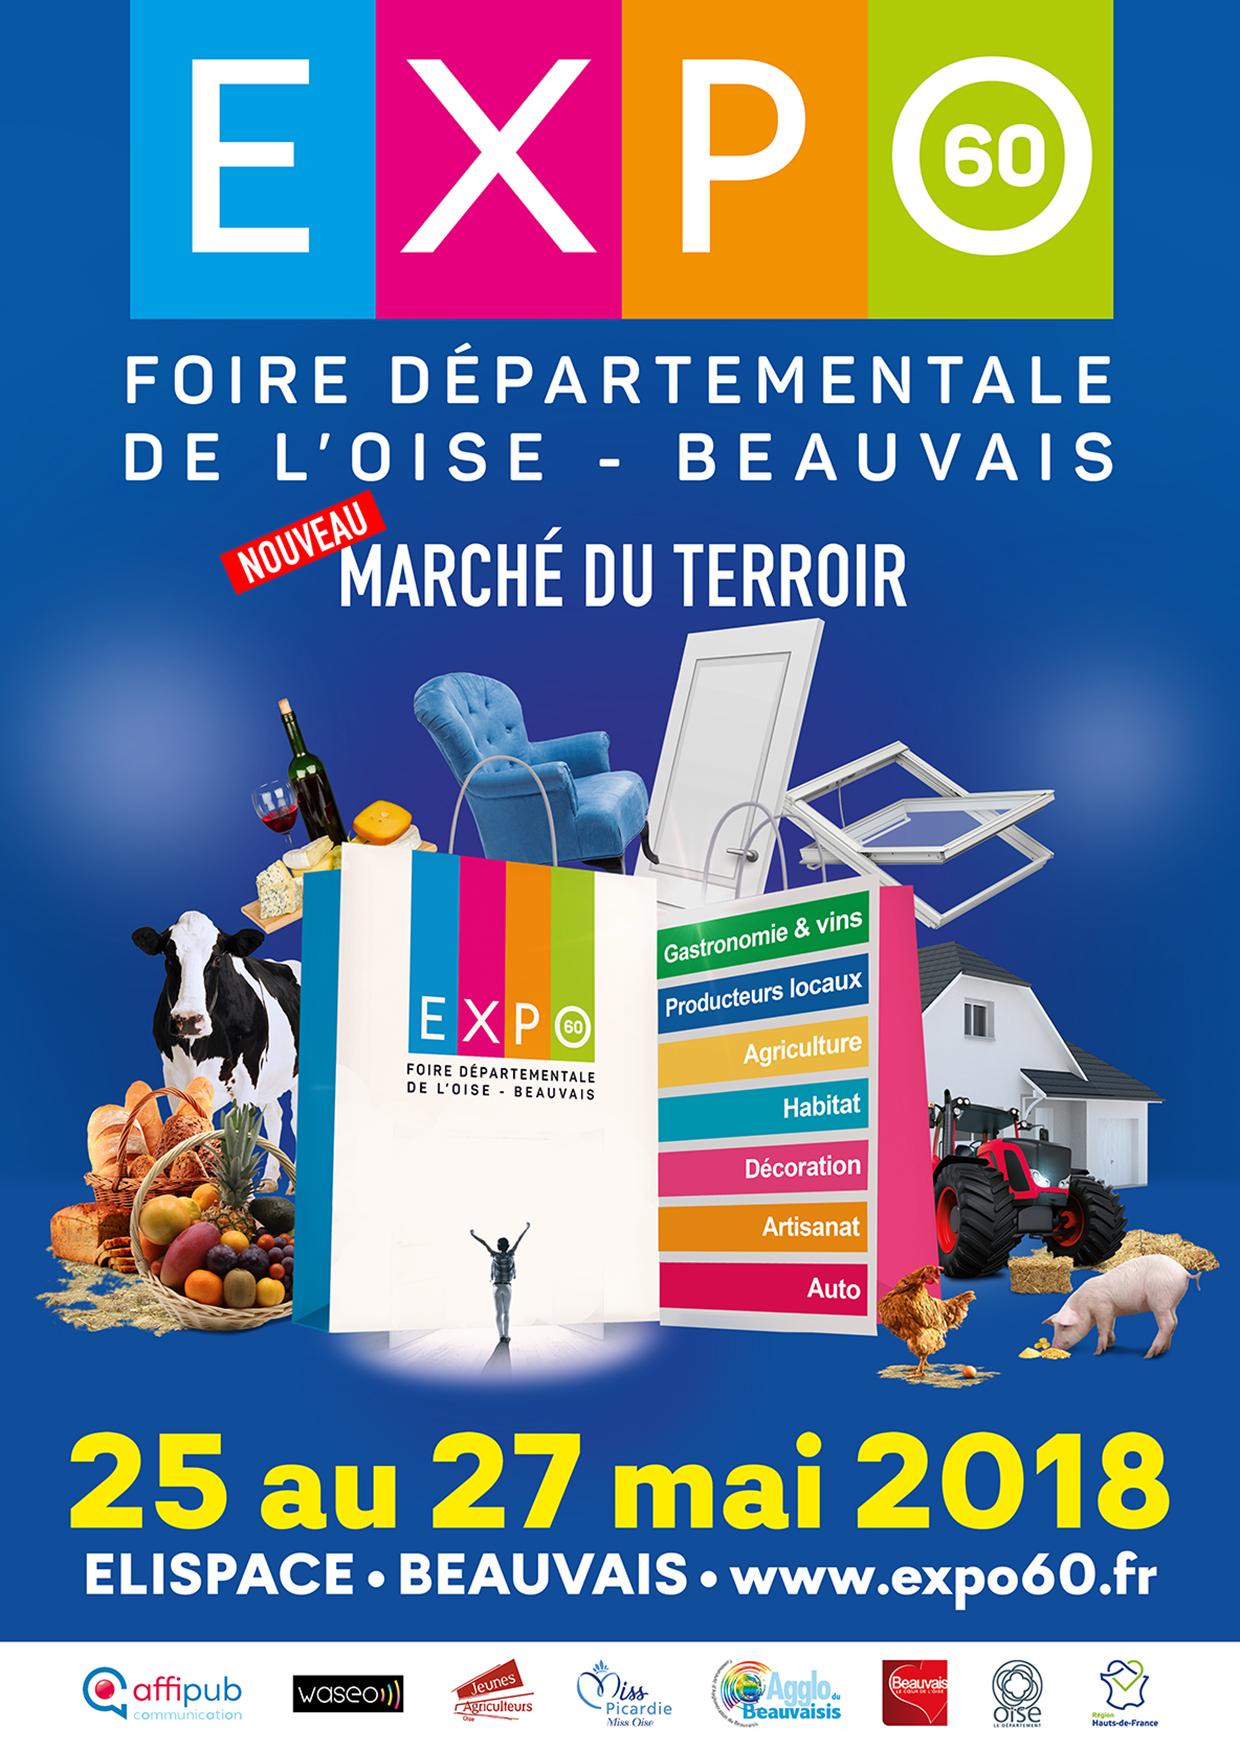 FOIRE EXPO 60 - 2018